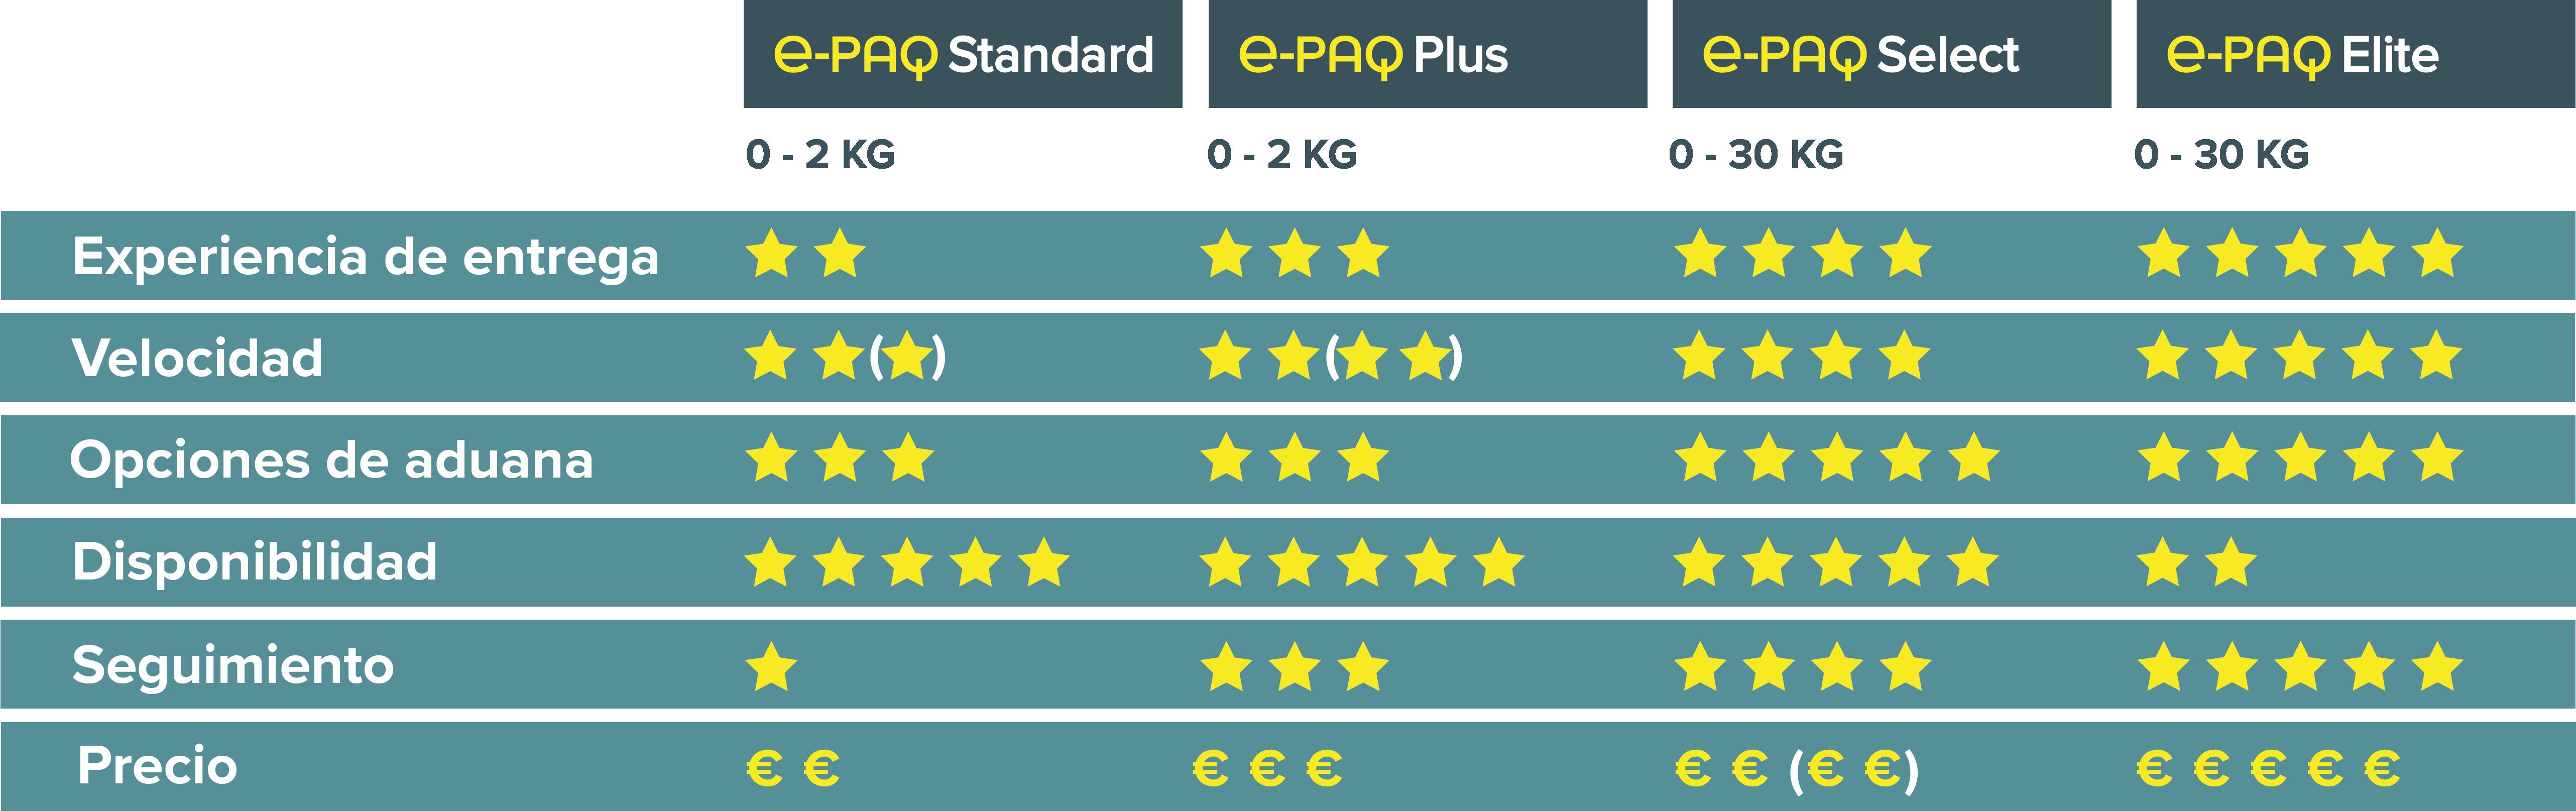 e-PAQ € Comparison Chart October 2020 ES